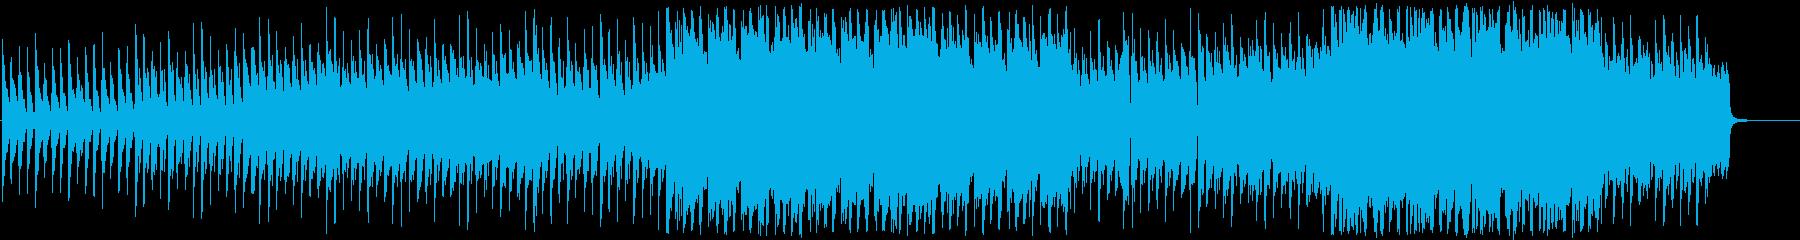 ホラー/怪しい/ハロウィンの再生済みの波形